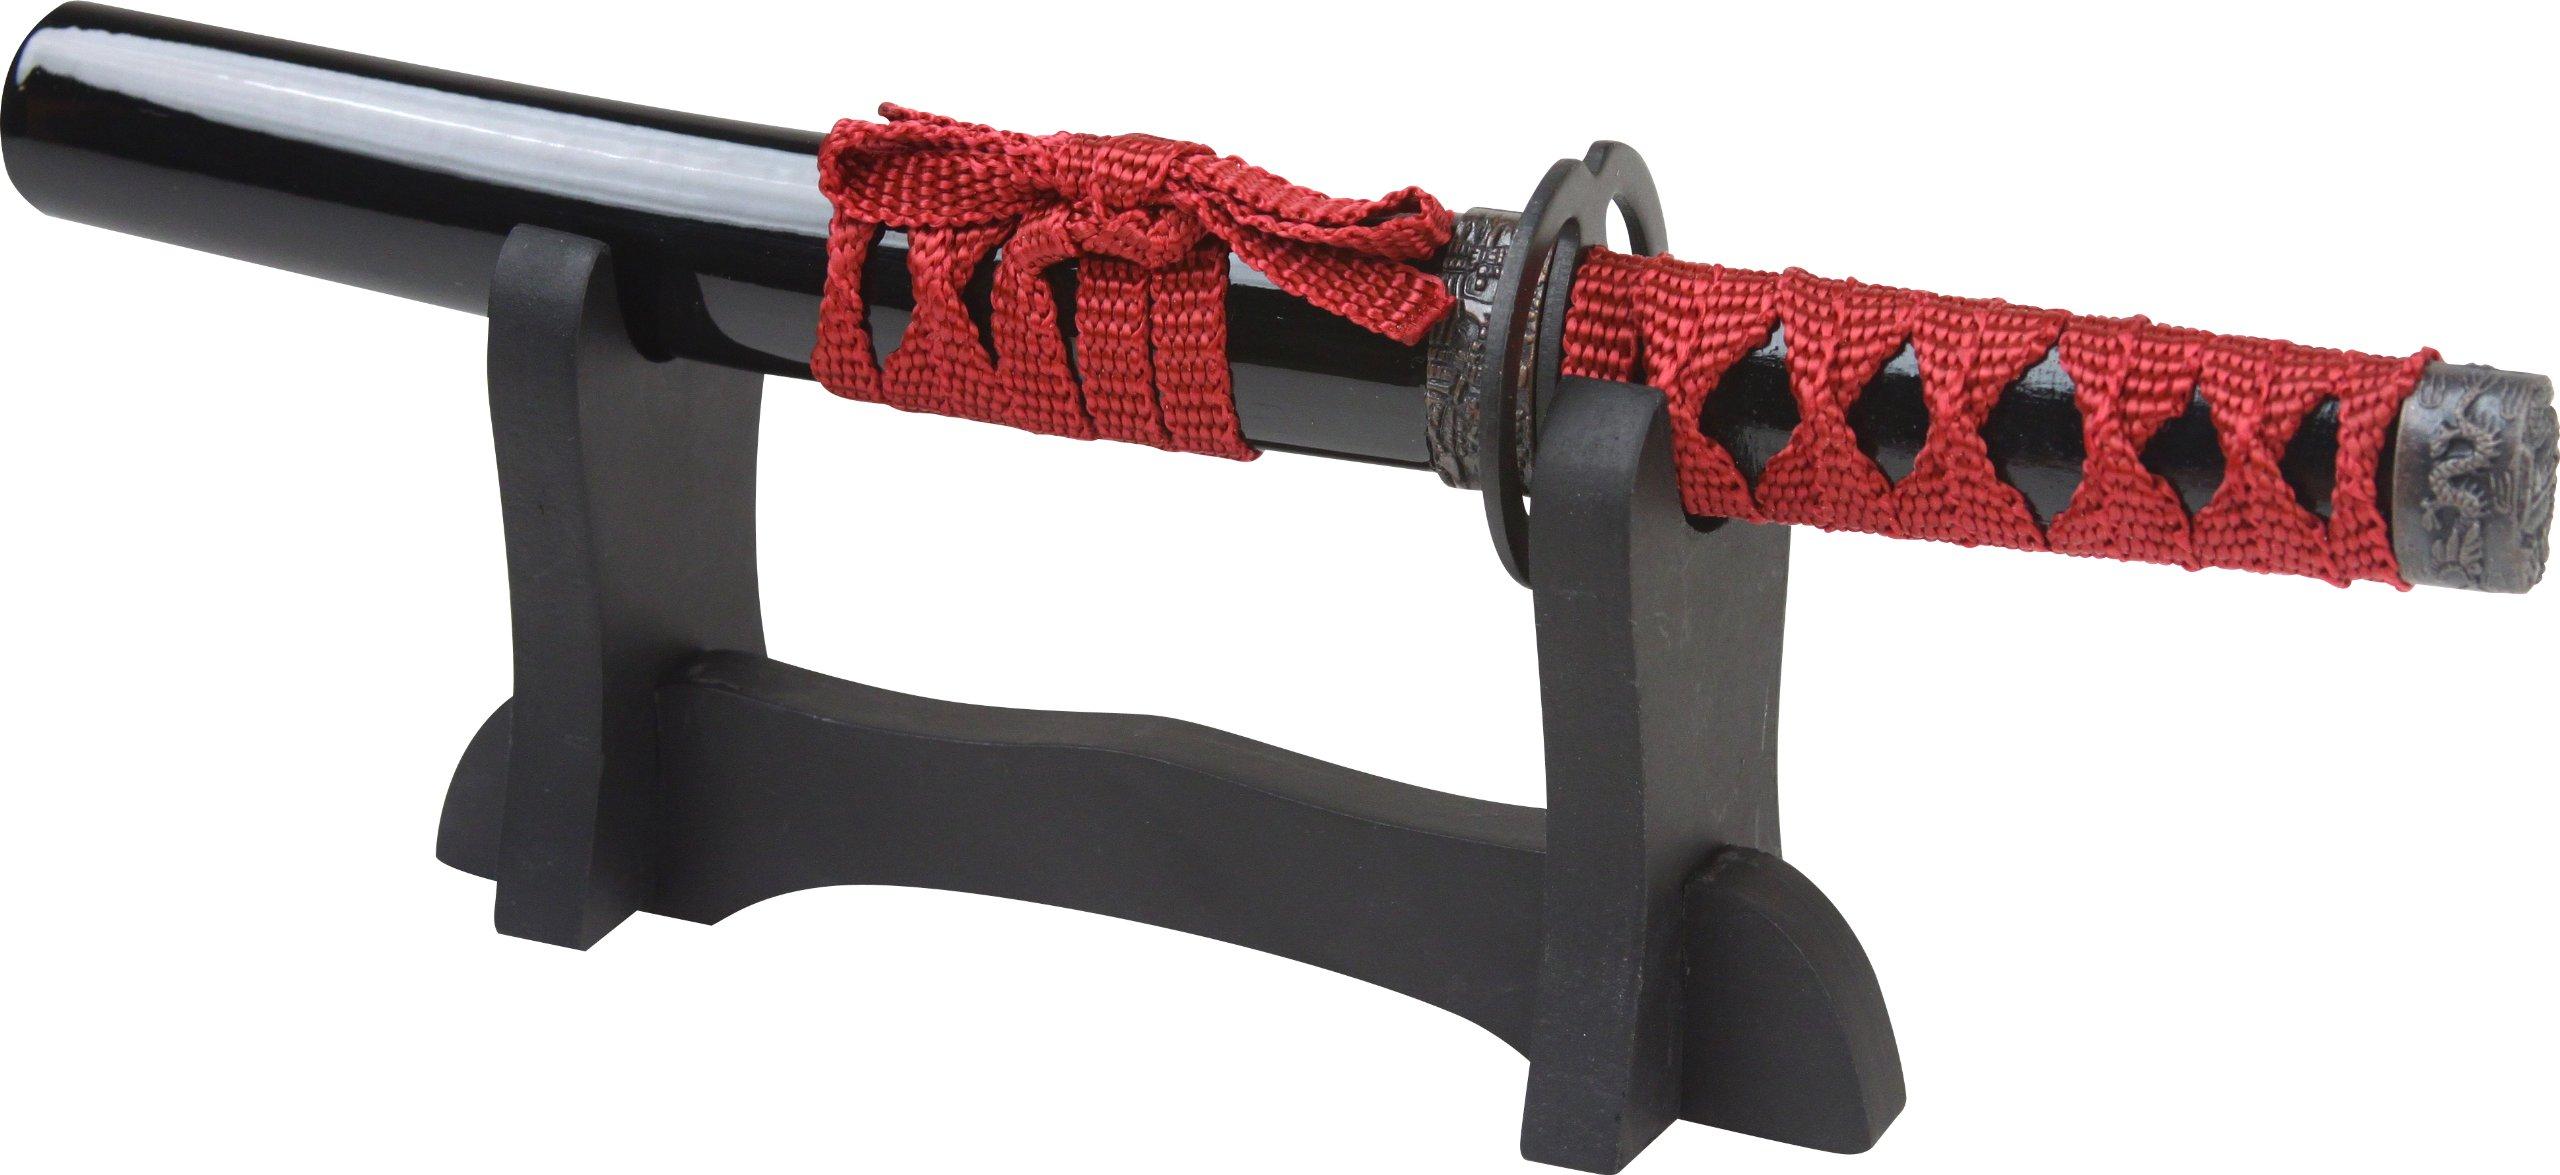 BladesUSA Sw-1811Bk Samurai Sword Letter Opener 9.5-Inch Overall,Black